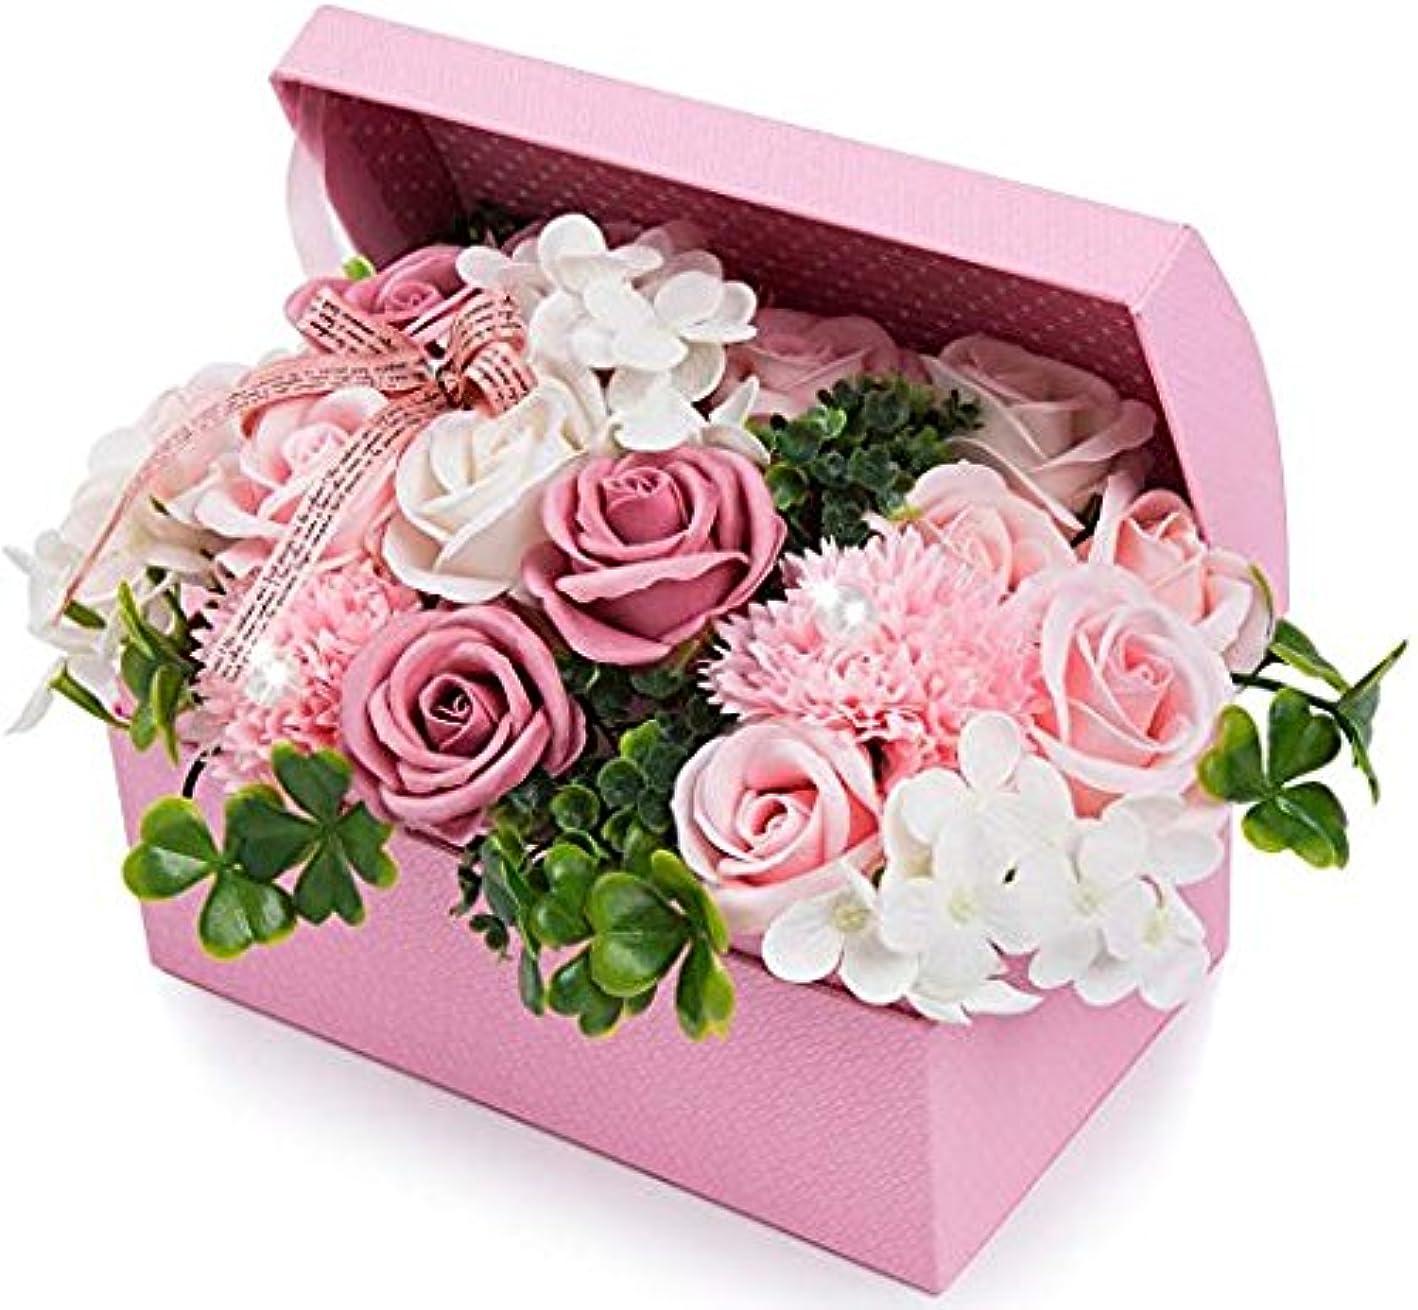 翻訳アセ名門ソープフラワー 創意ジュエリーギフトボックス 誕生日 母の日 記念日 先生の日 バレンタインデー 昇進 転居など最適としてのプレゼント (ピンク)